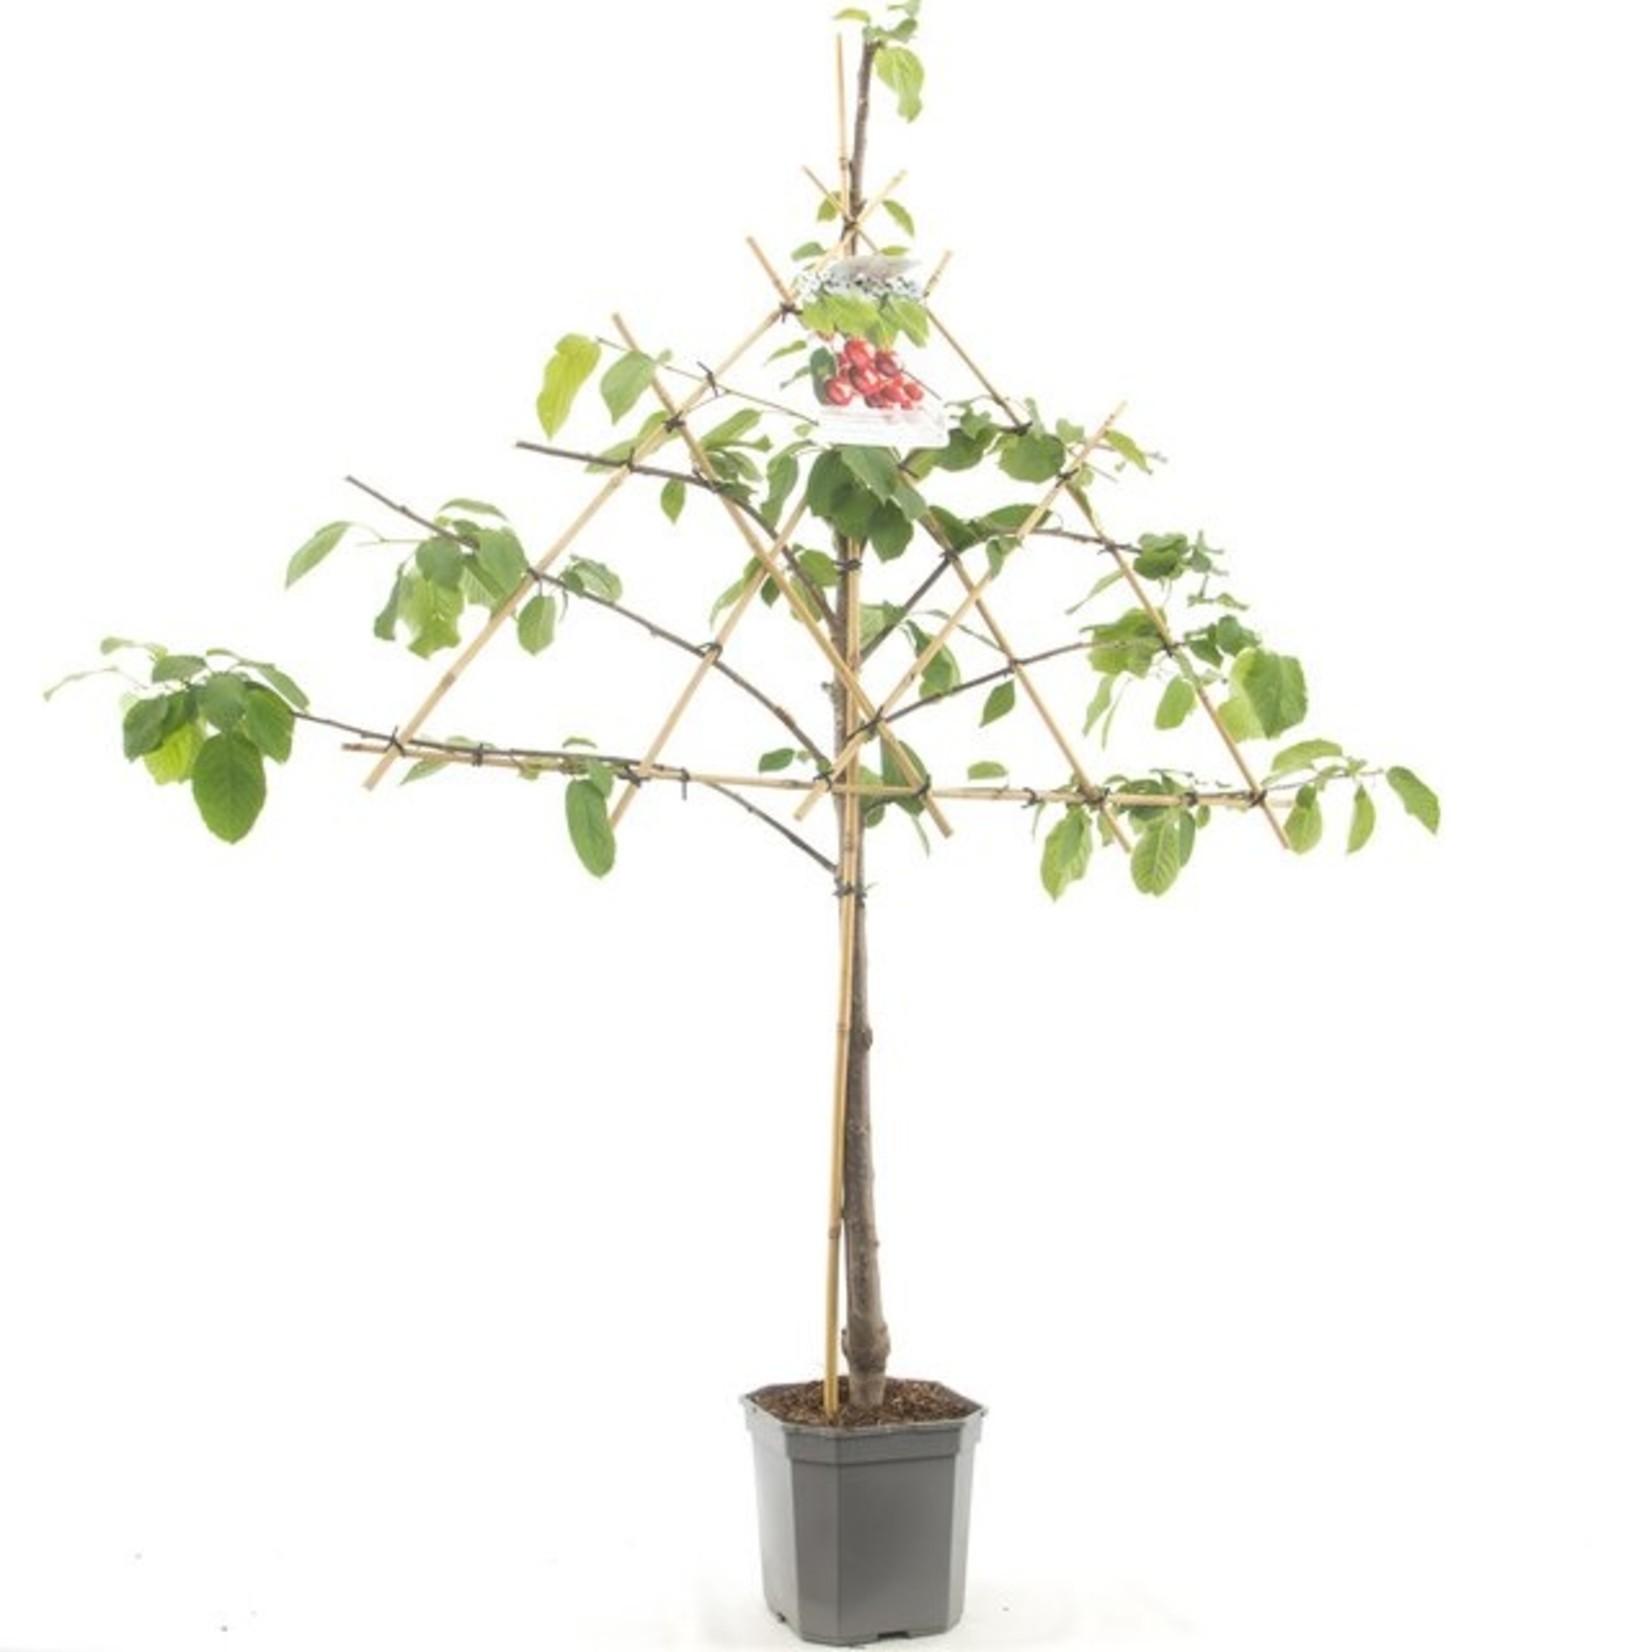 Leivorm de Fruithof Prunus avium 'Stella' (Zoete kers)